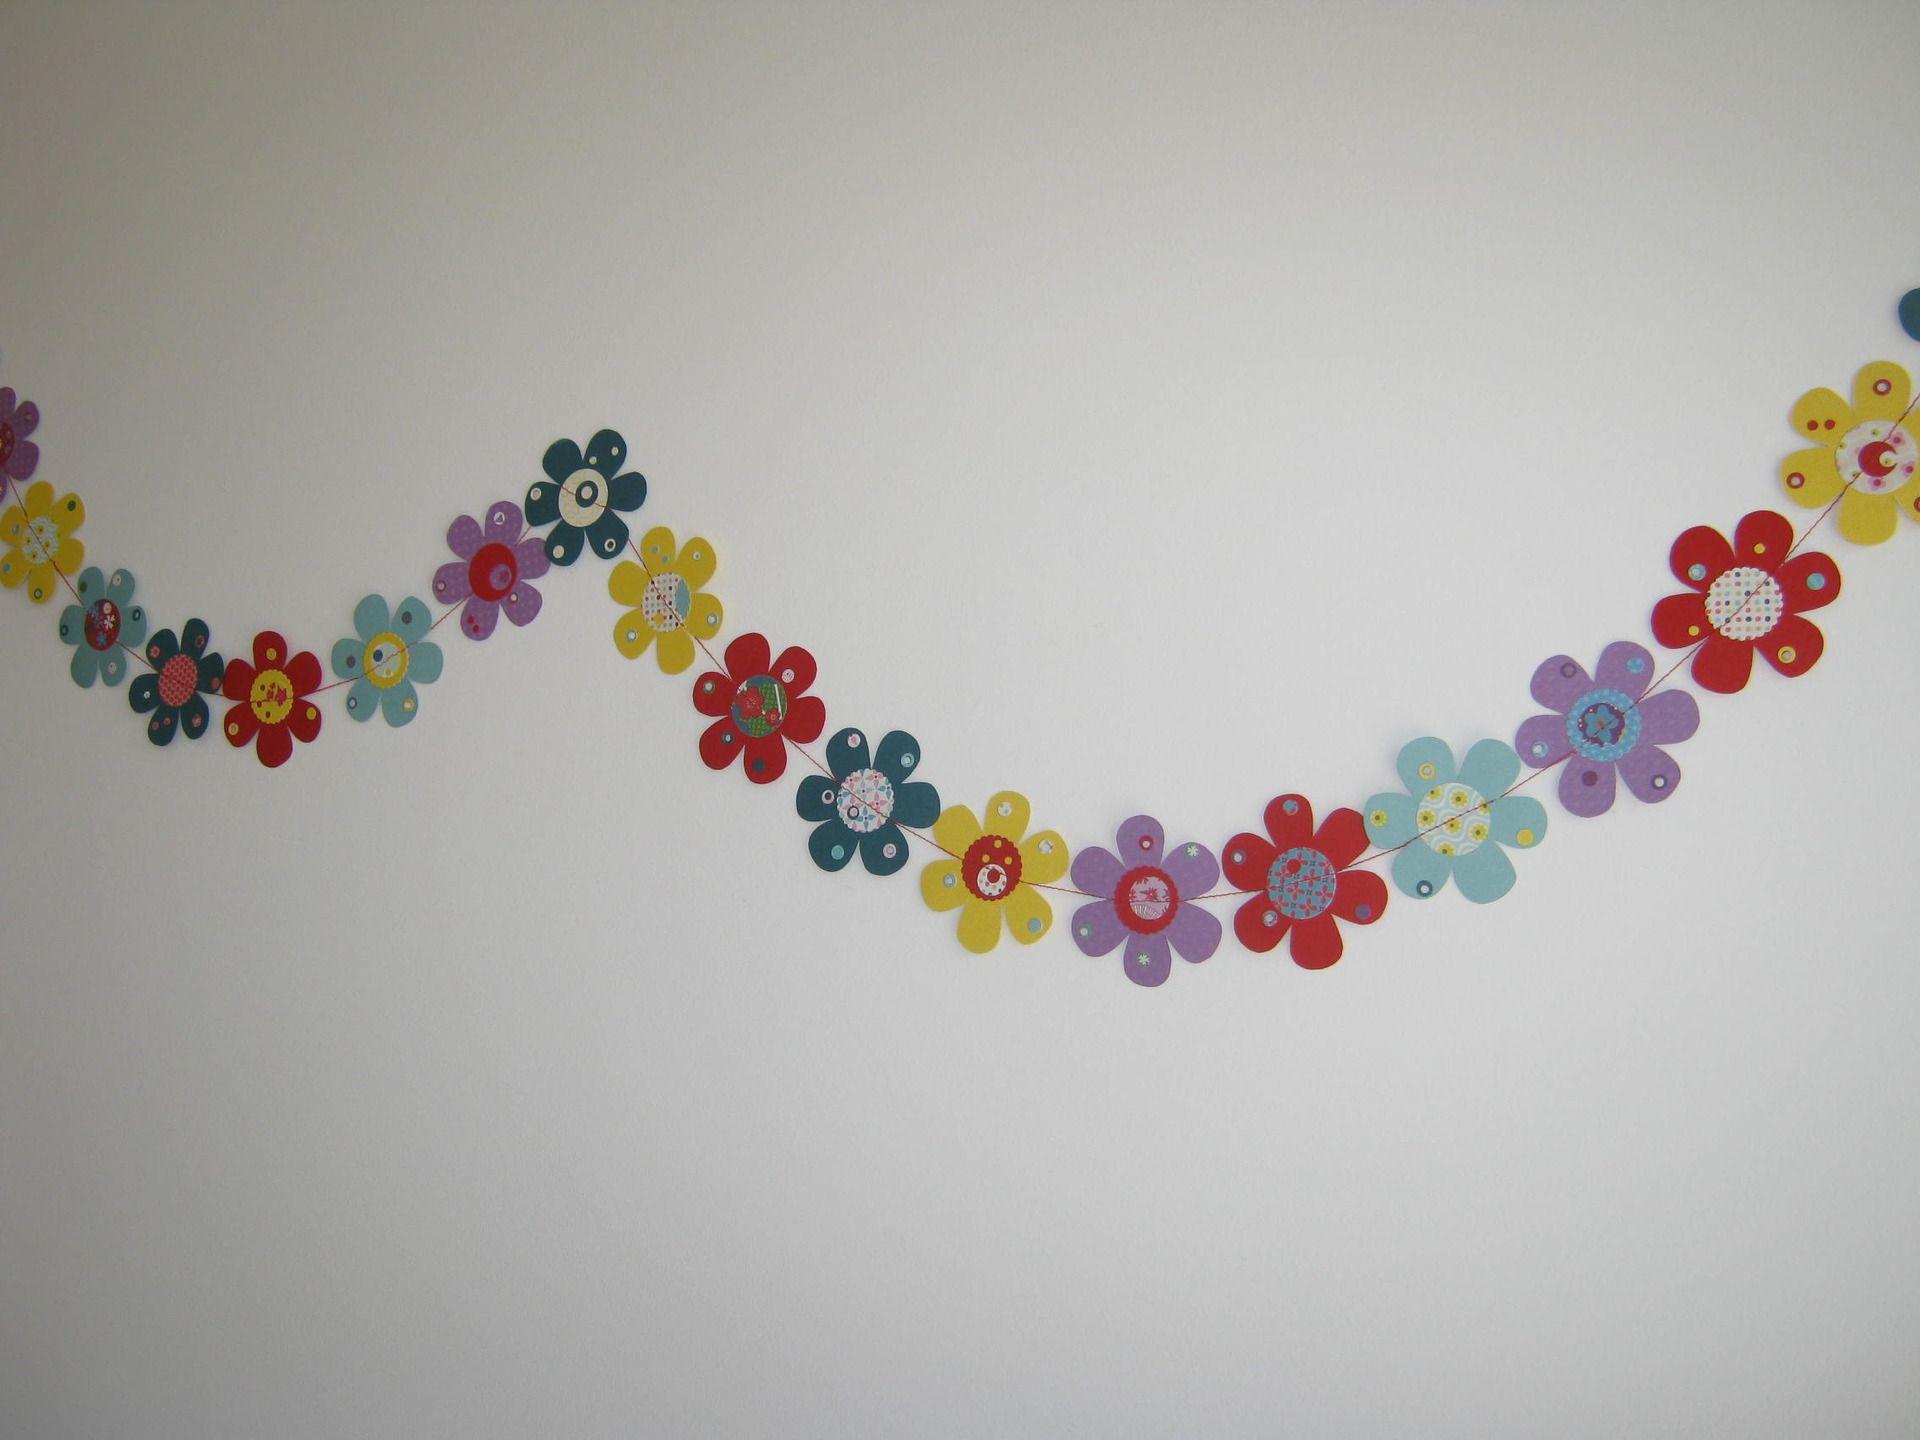 guirlandes fleurs en papiers multicolores d coration int rieure maison accessoires de maison. Black Bedroom Furniture Sets. Home Design Ideas